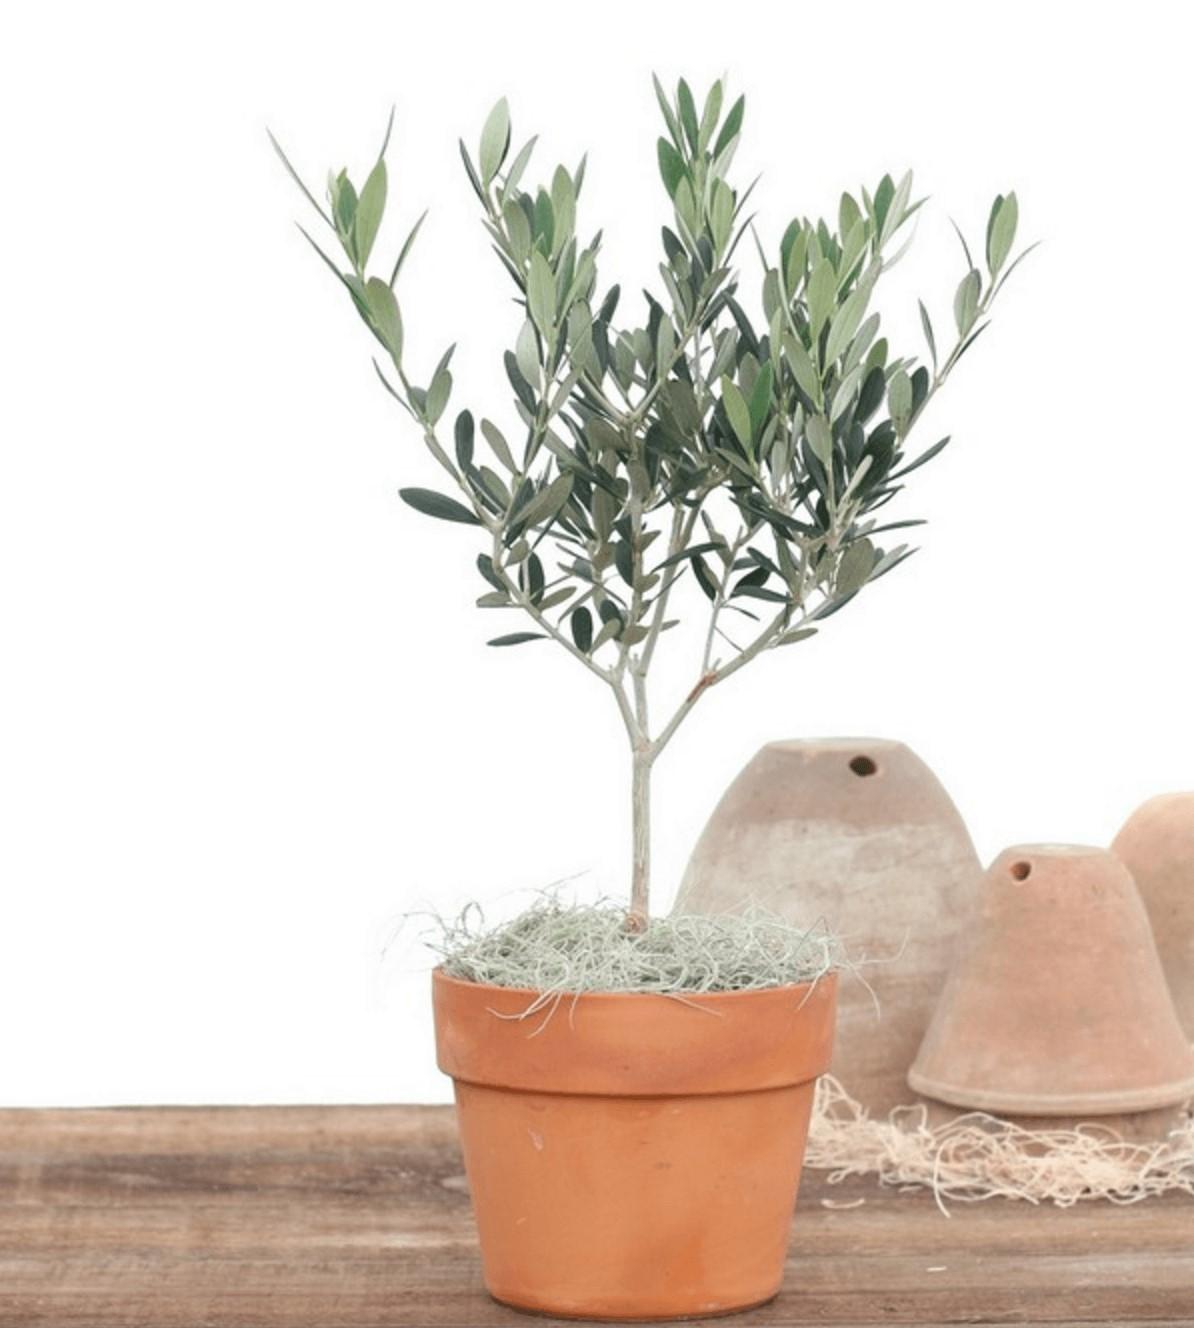 Que savoir quand replanter un olivier? Si la température baisse pendant une longue période, votre olive gagnerait à être enveloppée avec une toison horticole appropriée.